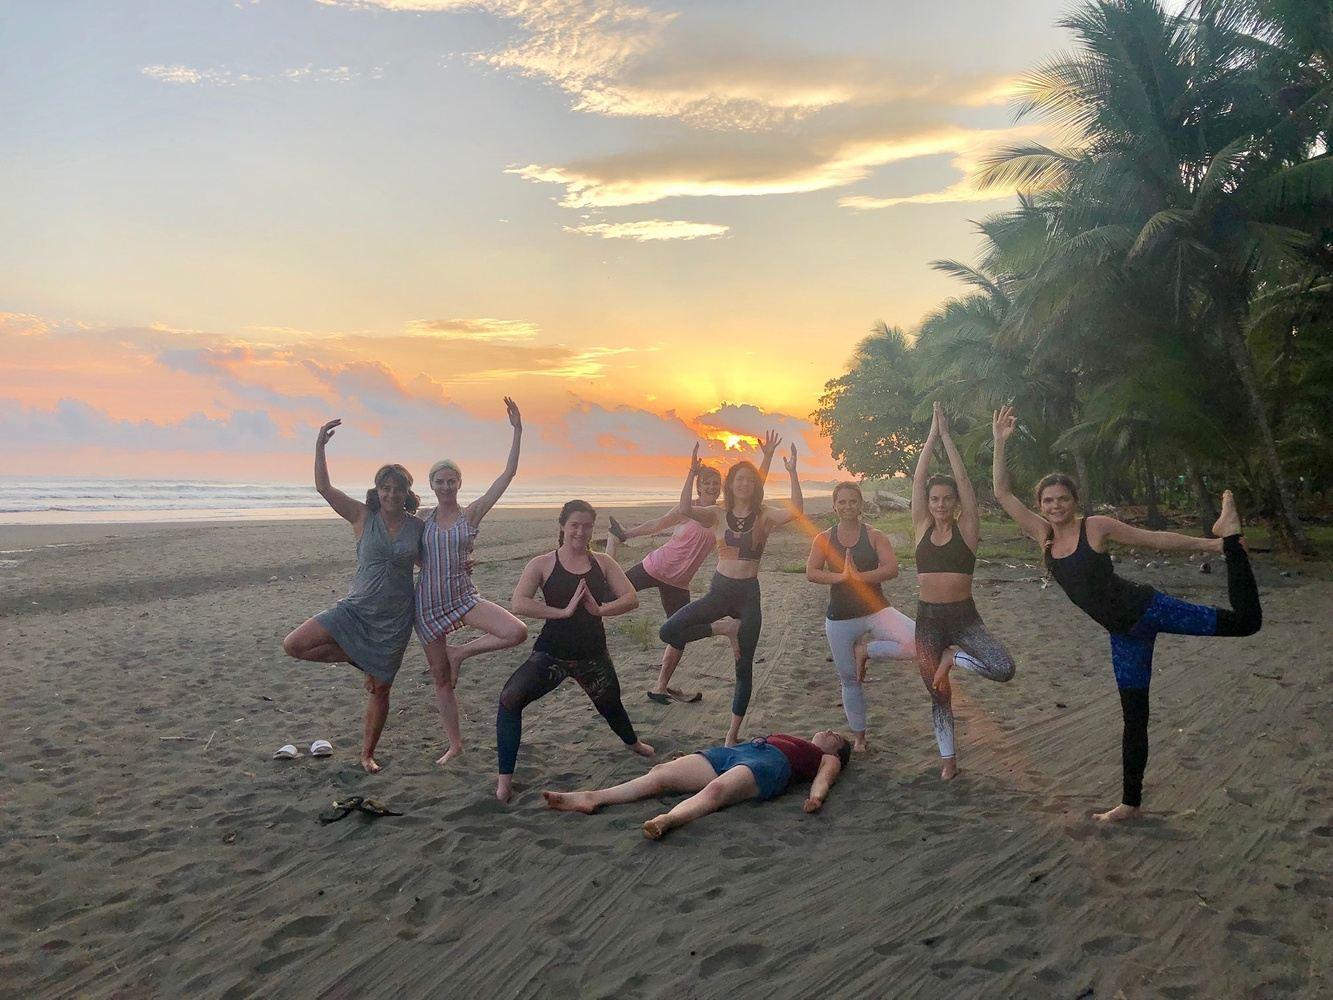 Pura Vida Yoga Escape with Alla & Anielka